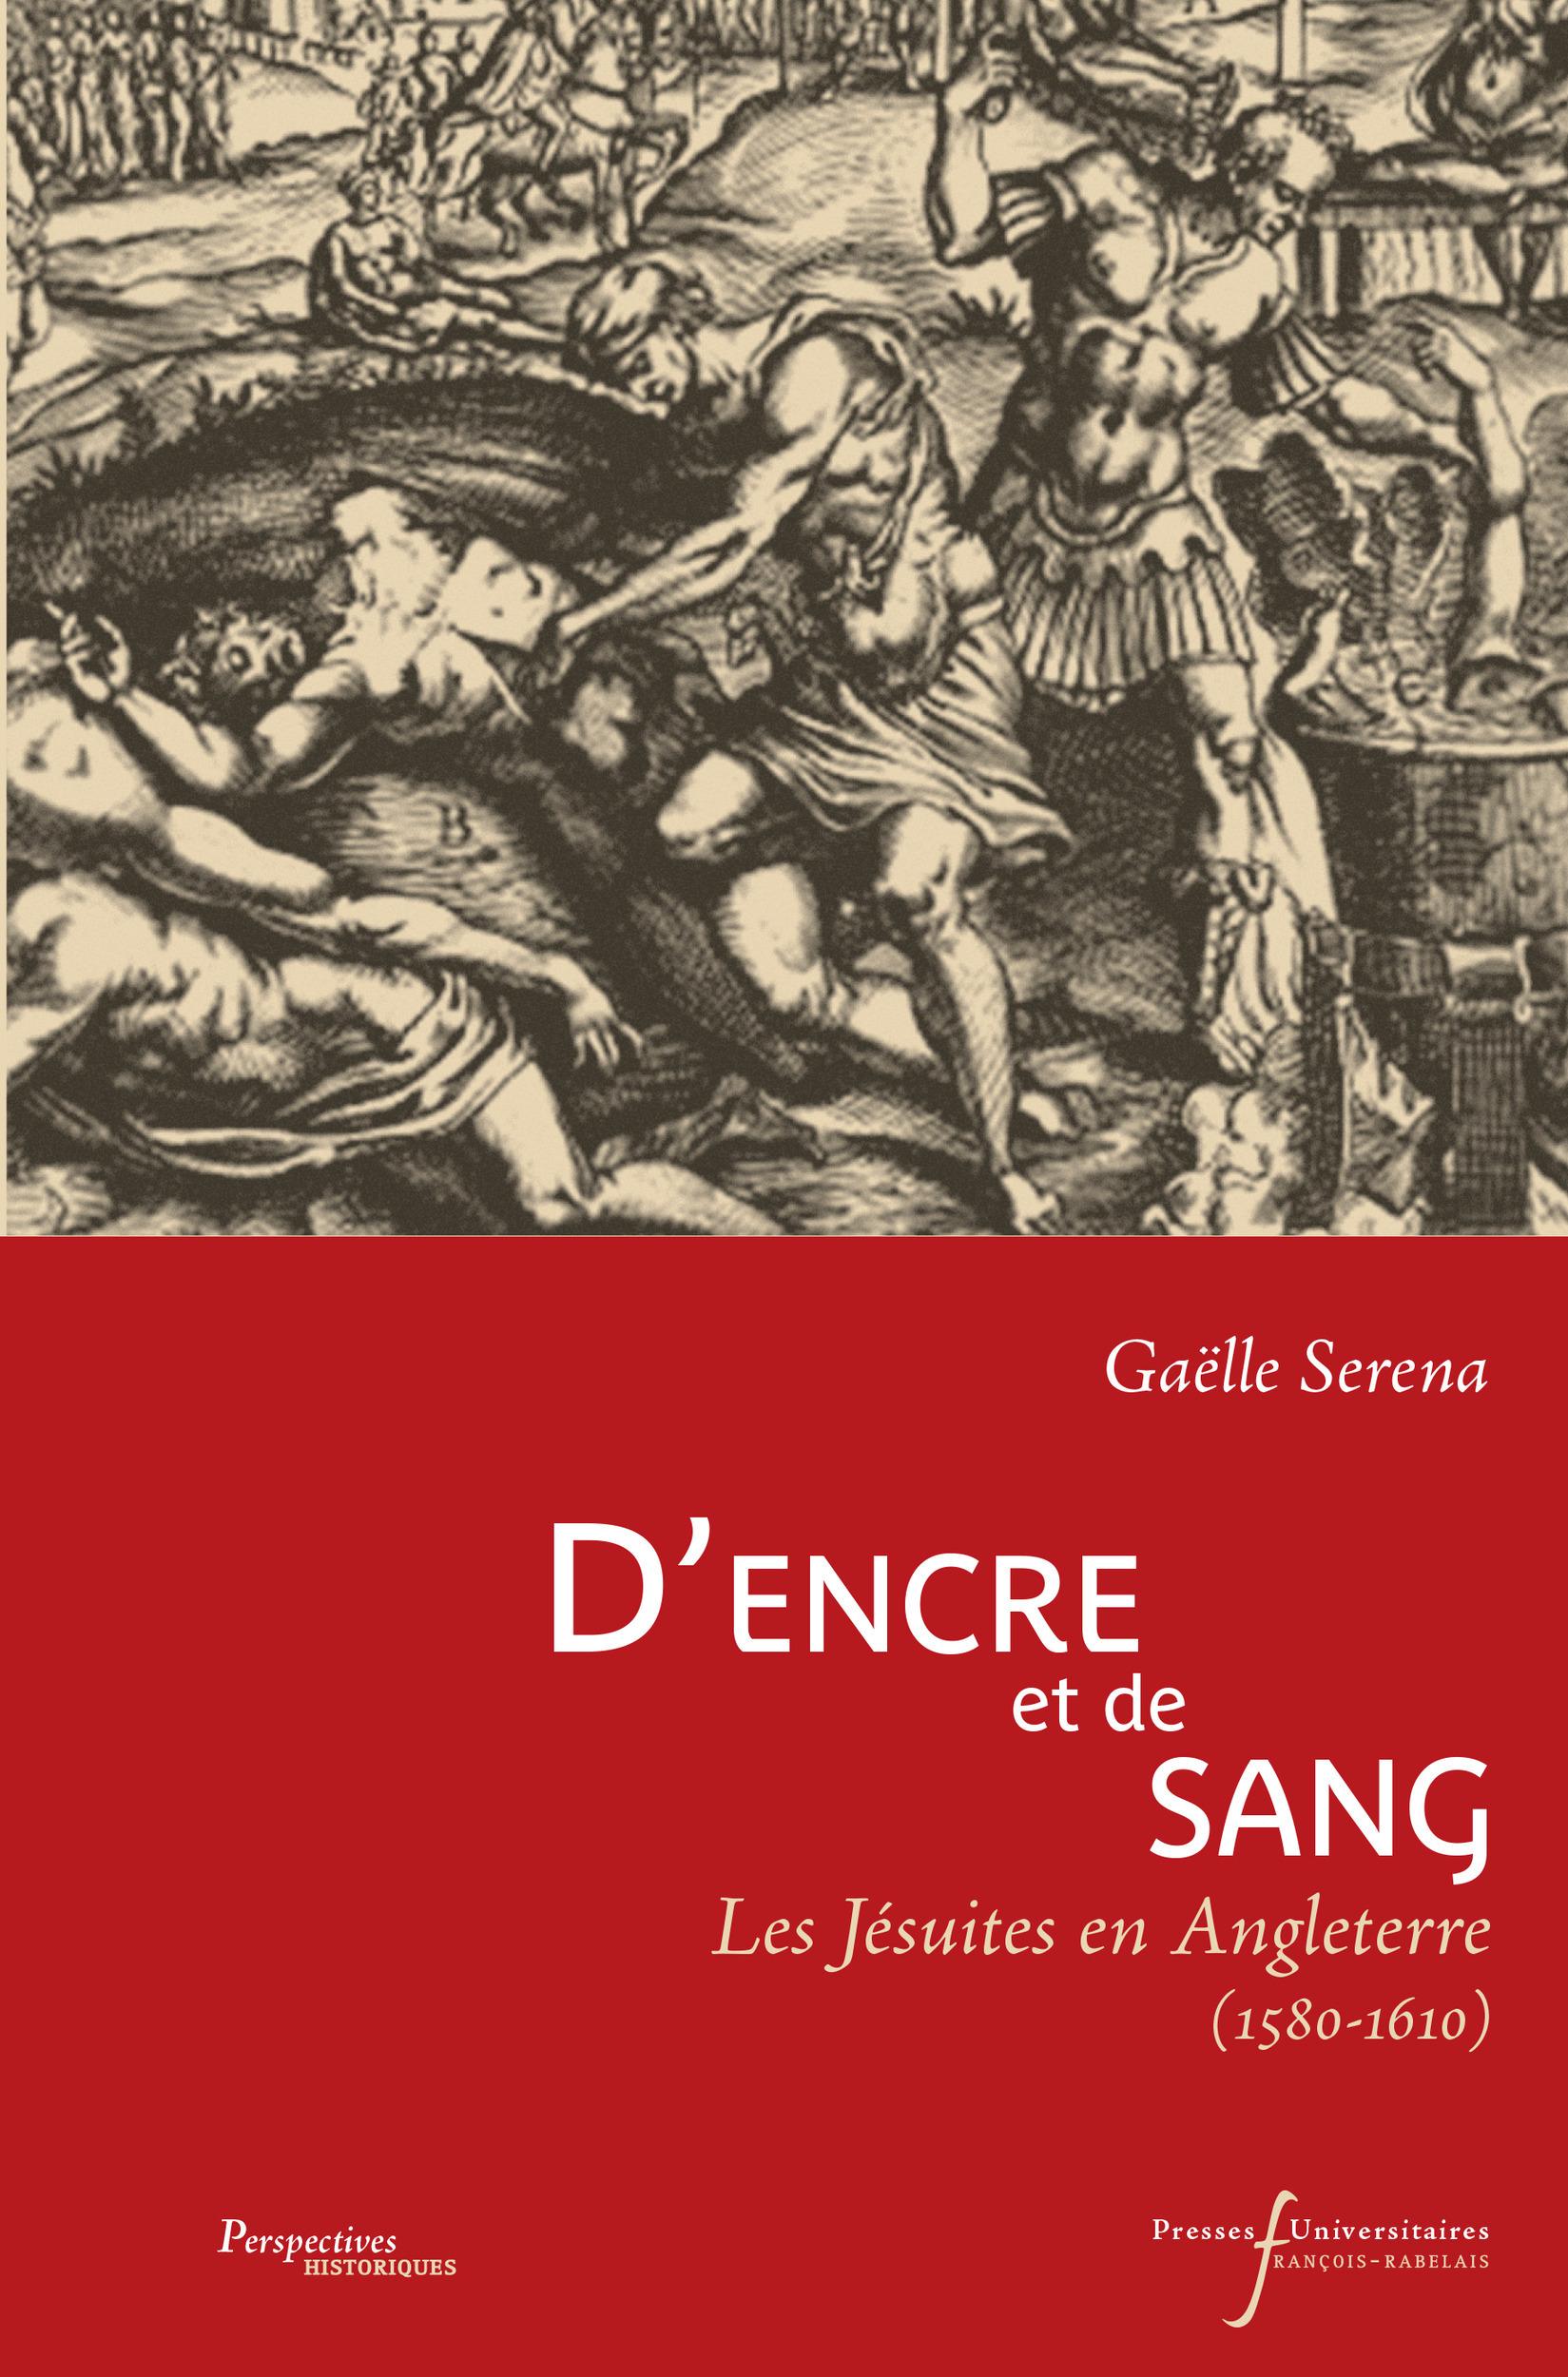 D'encre et de sang - les jesuites en angleterre (1580-1610)